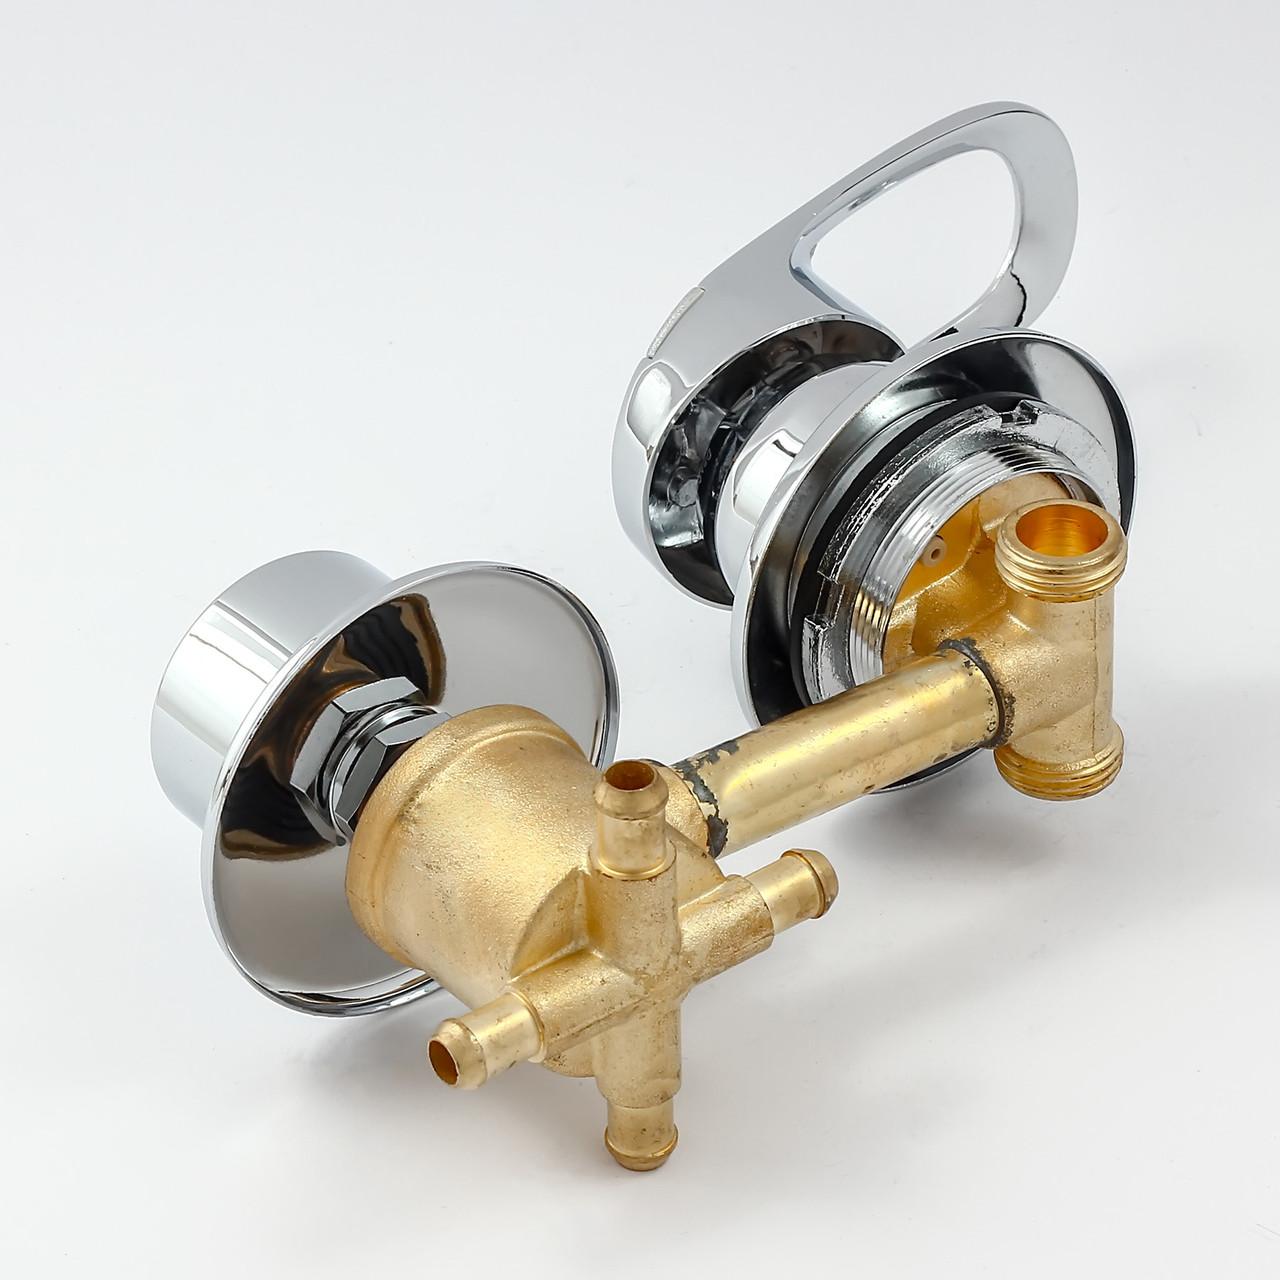 Змішувач для гідробоксу, душової кабіни S4-10 на 4 положення.